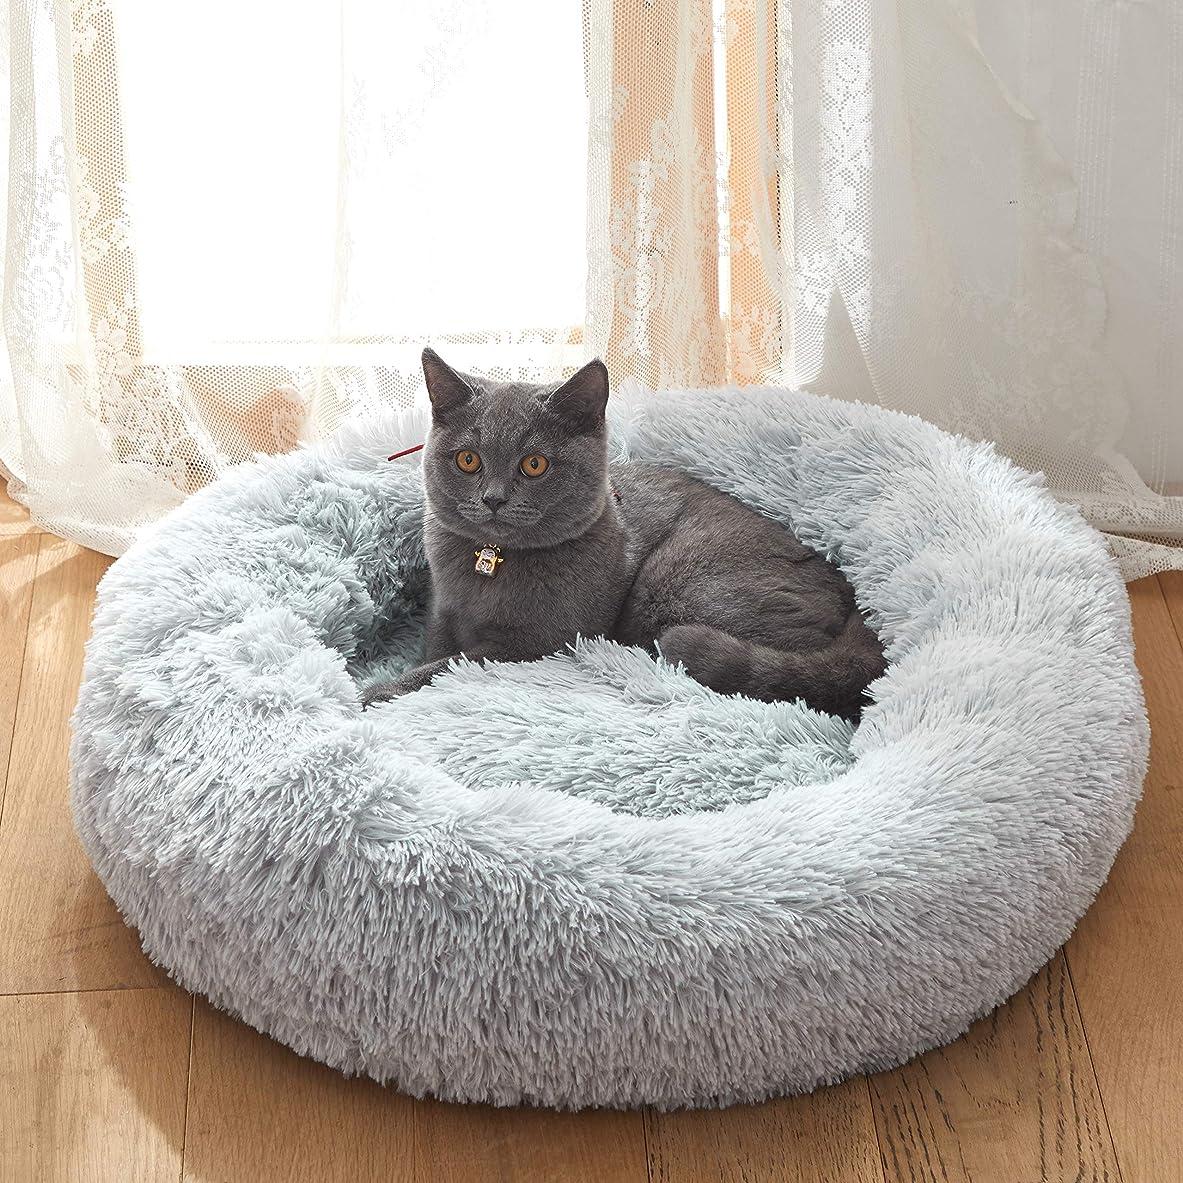 キャラクター代わりの考案するHanacat ペットベッド 犬用ベッド 猫用ベッド クッション 丸型 毛足の長いシャギー ふわふわ 可愛い 小型犬用 キャット用 洗える ライトグレー 直径50cm